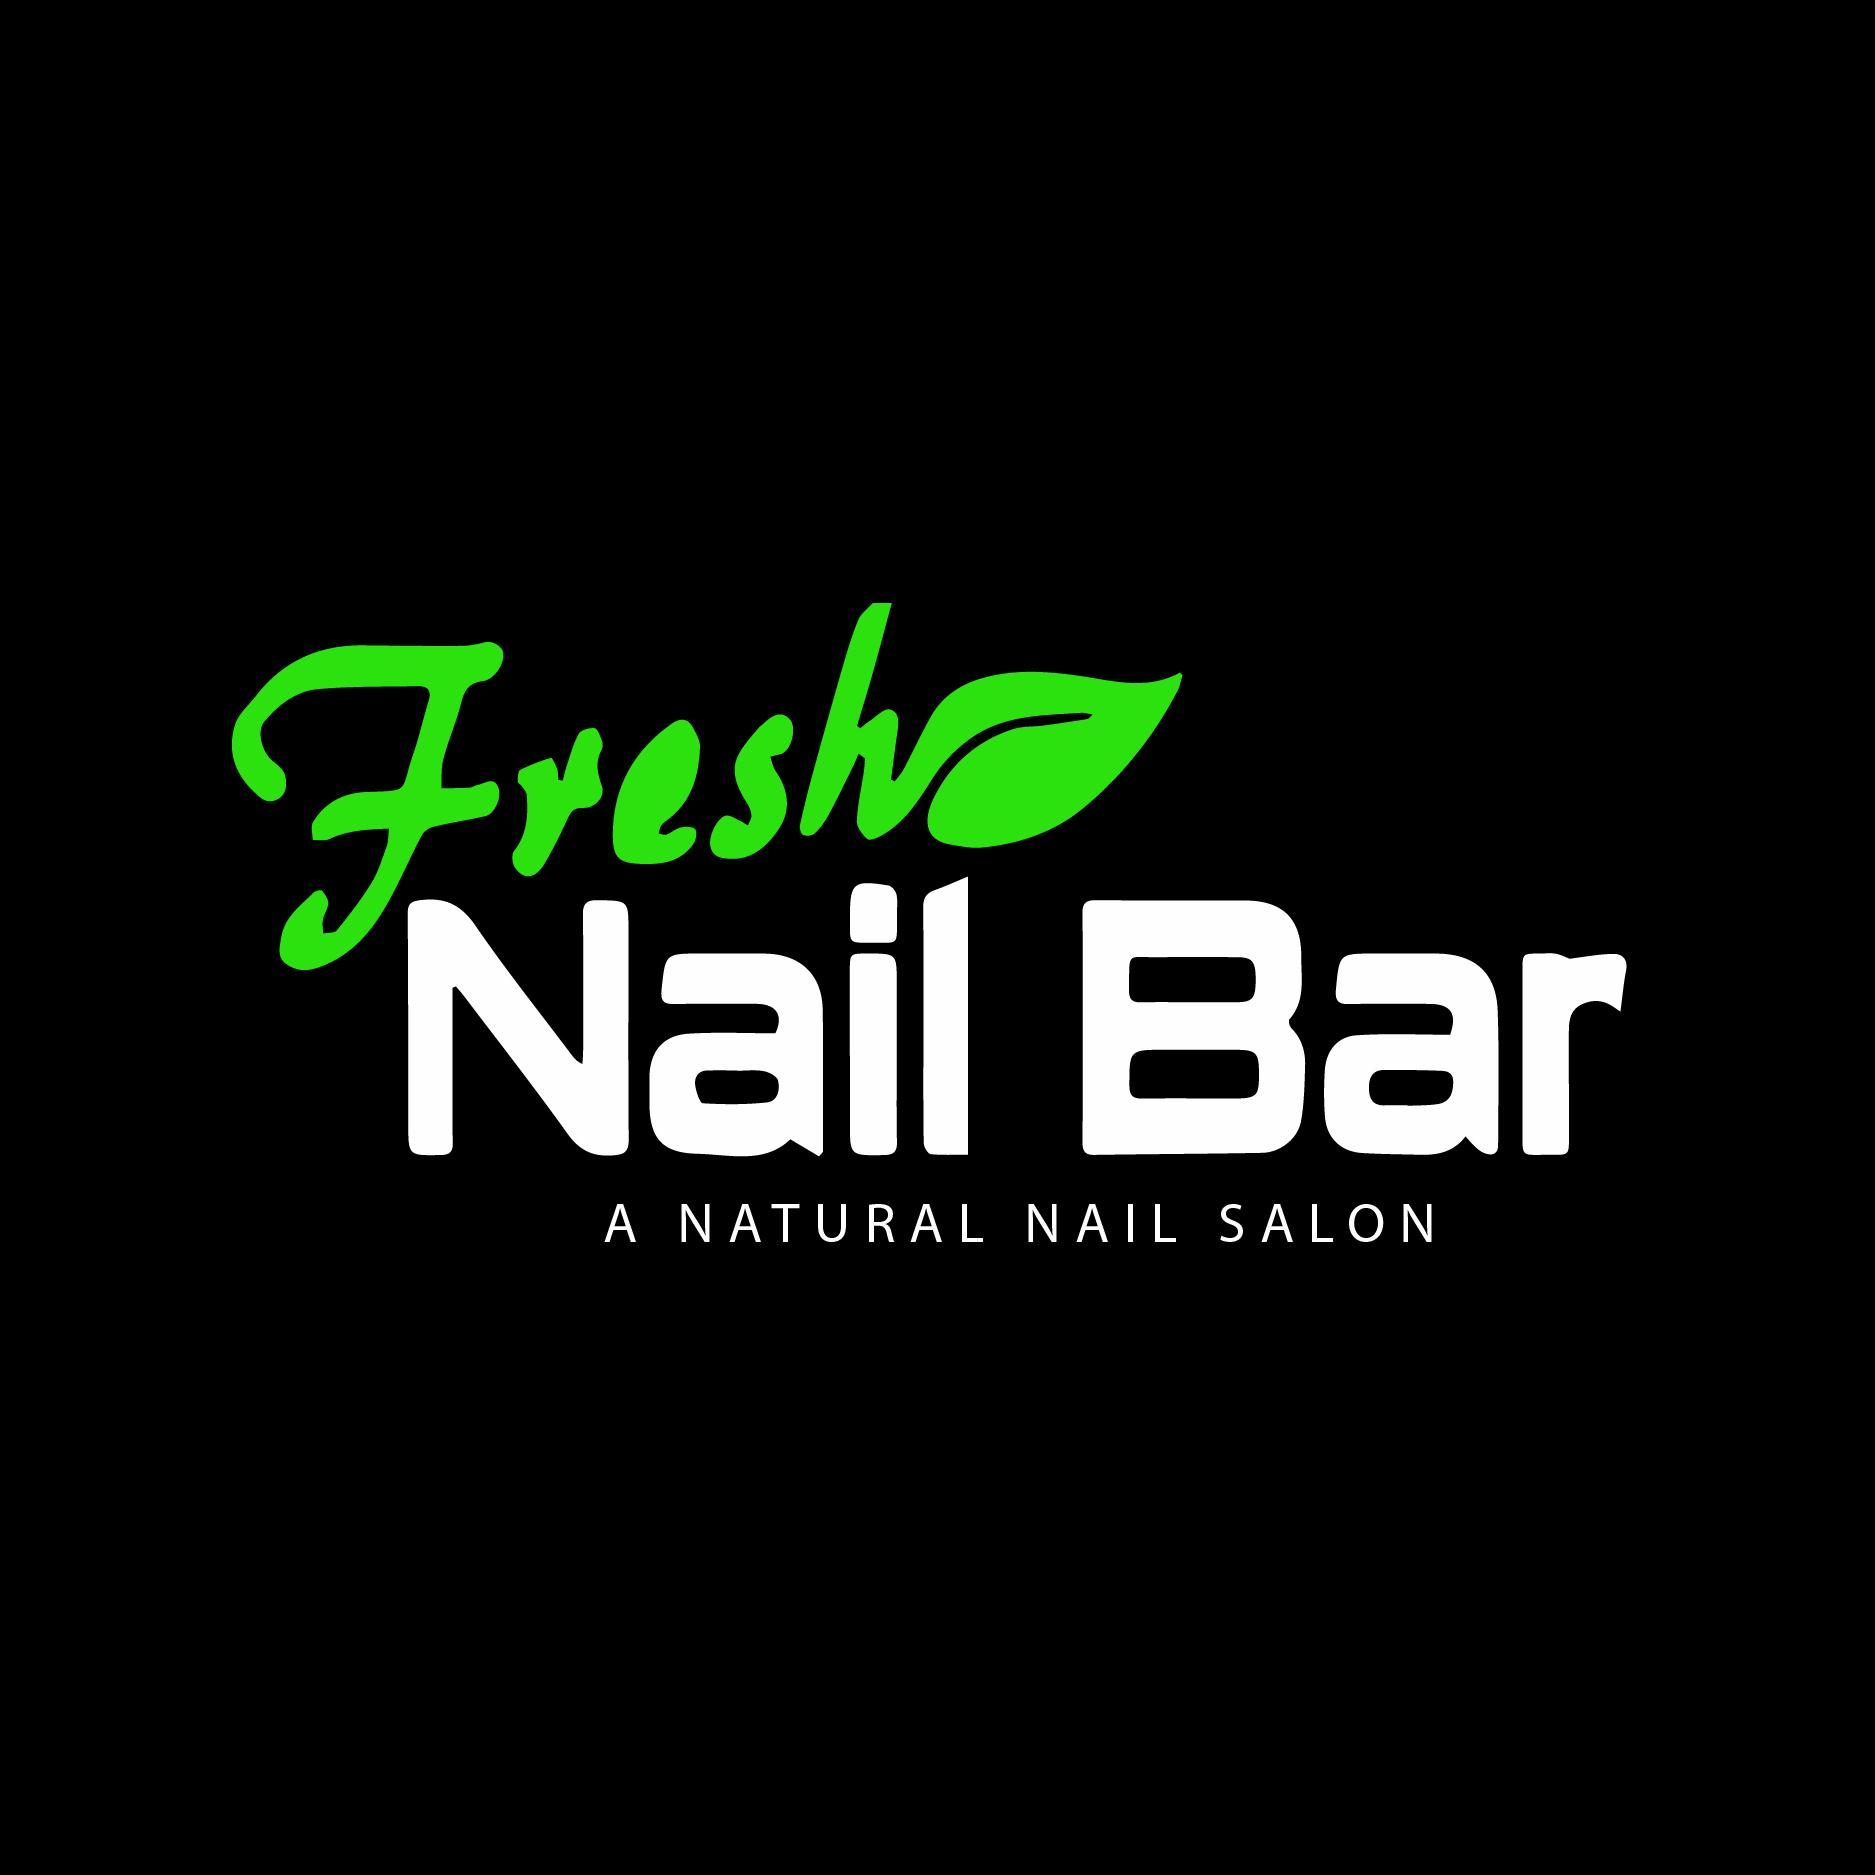 FRESH NAIL BAR